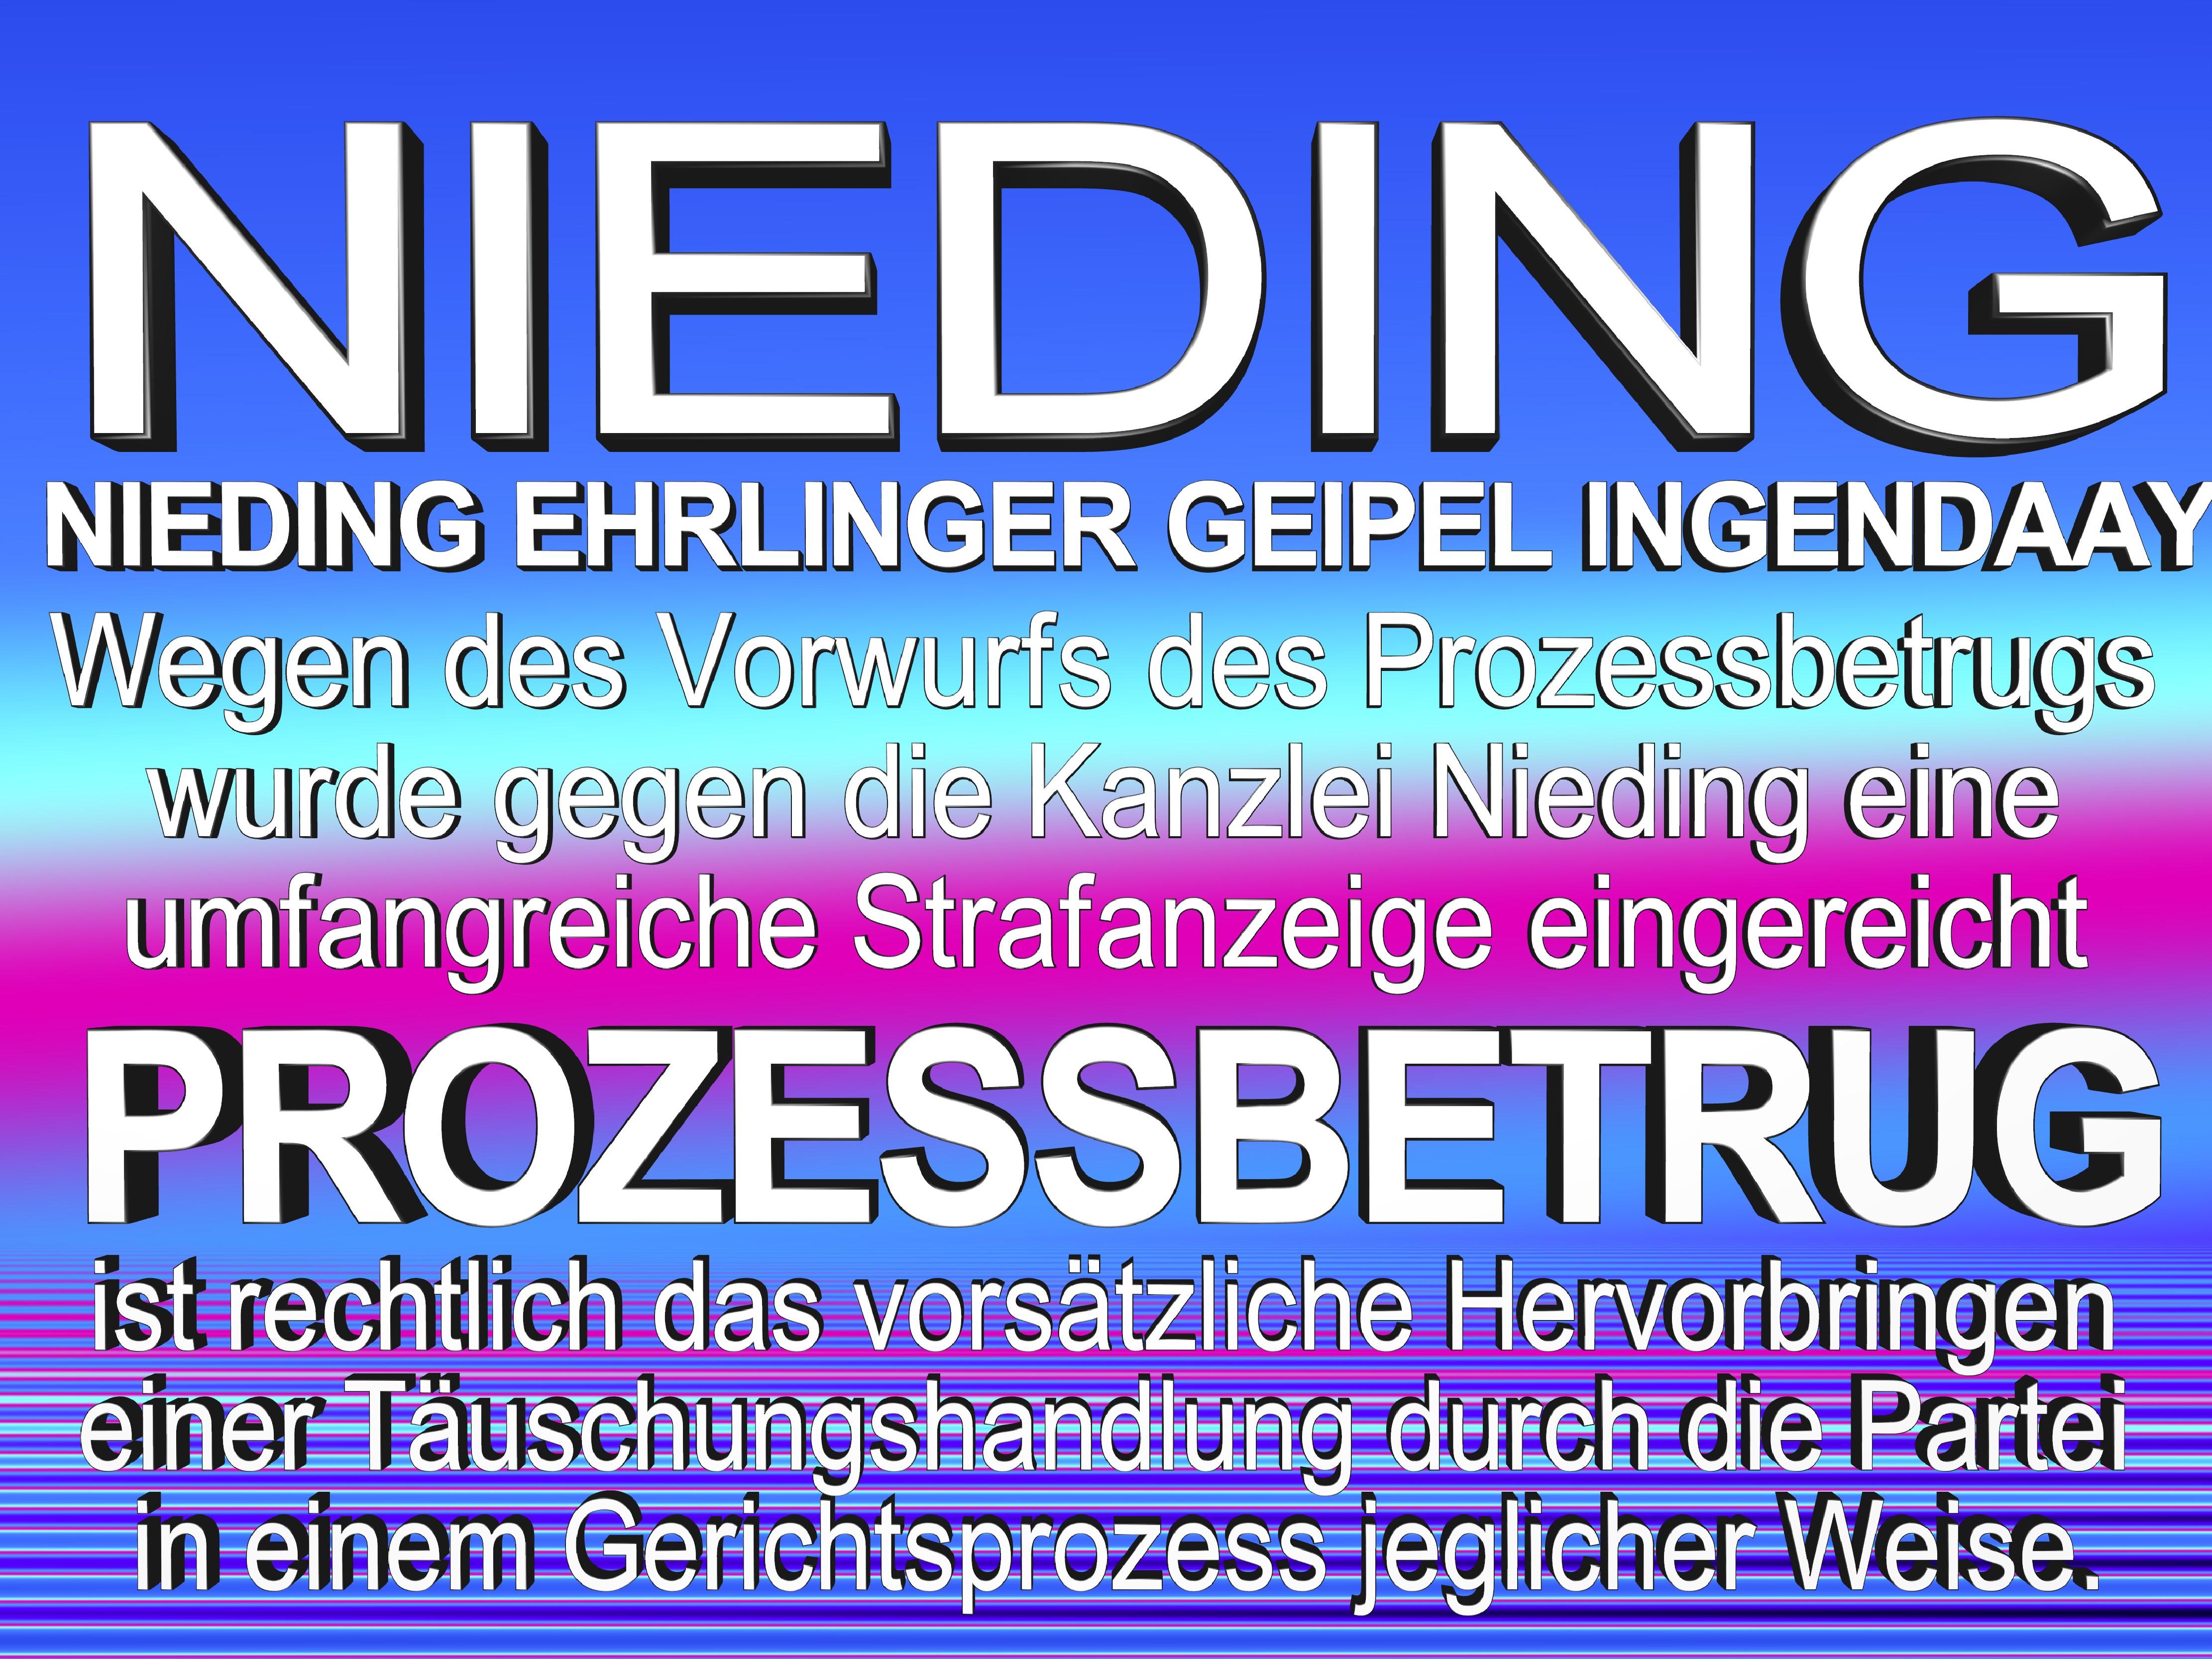 NIEDING EHRLINGER GEIPEL INGENDAAY LELKE Kurfürstendamm 66 Berlin (26)